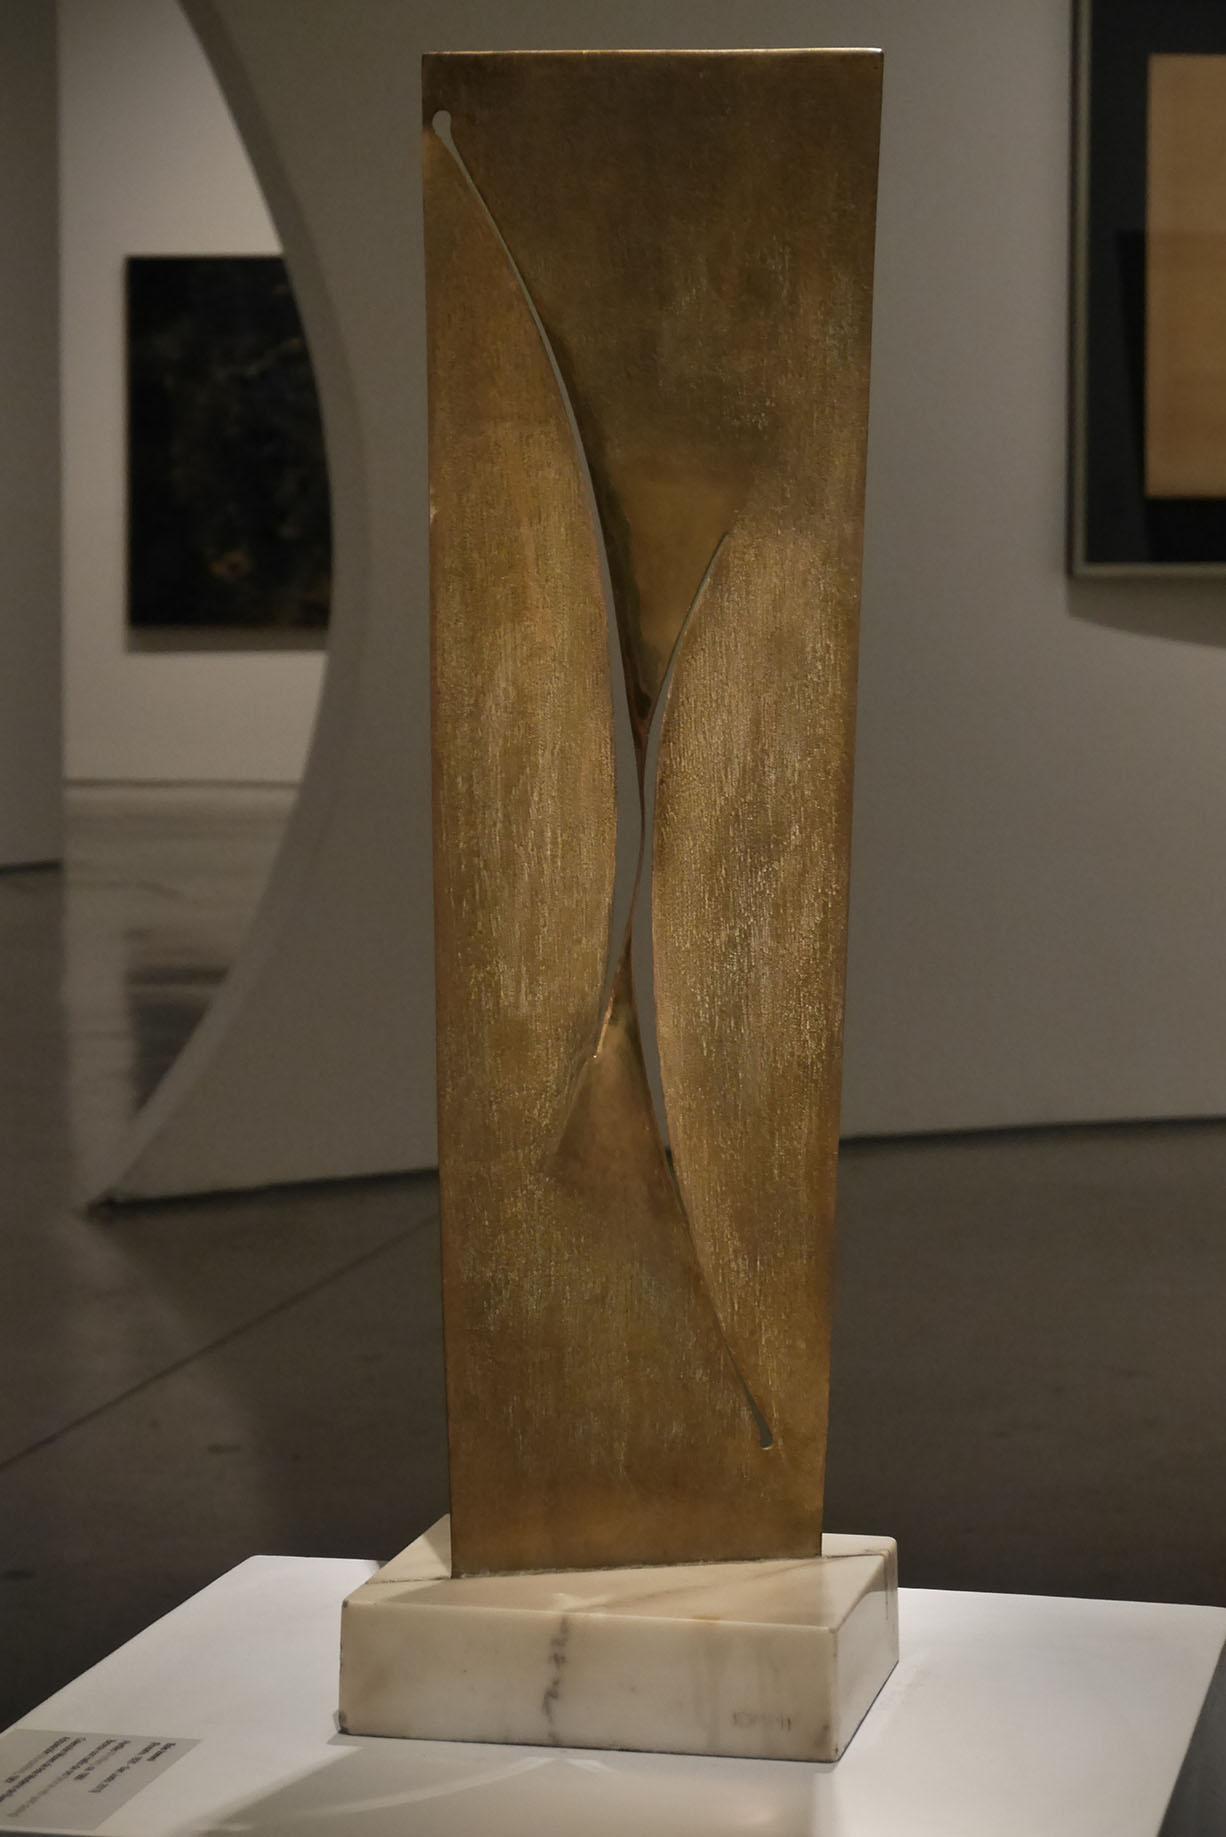 Enio Iommi. Perfiles, 1960. Bronce con baño de oro. Colección Museo de Arte Moderno, Buenos Aires. Foto: Leonardo Antoniadis.